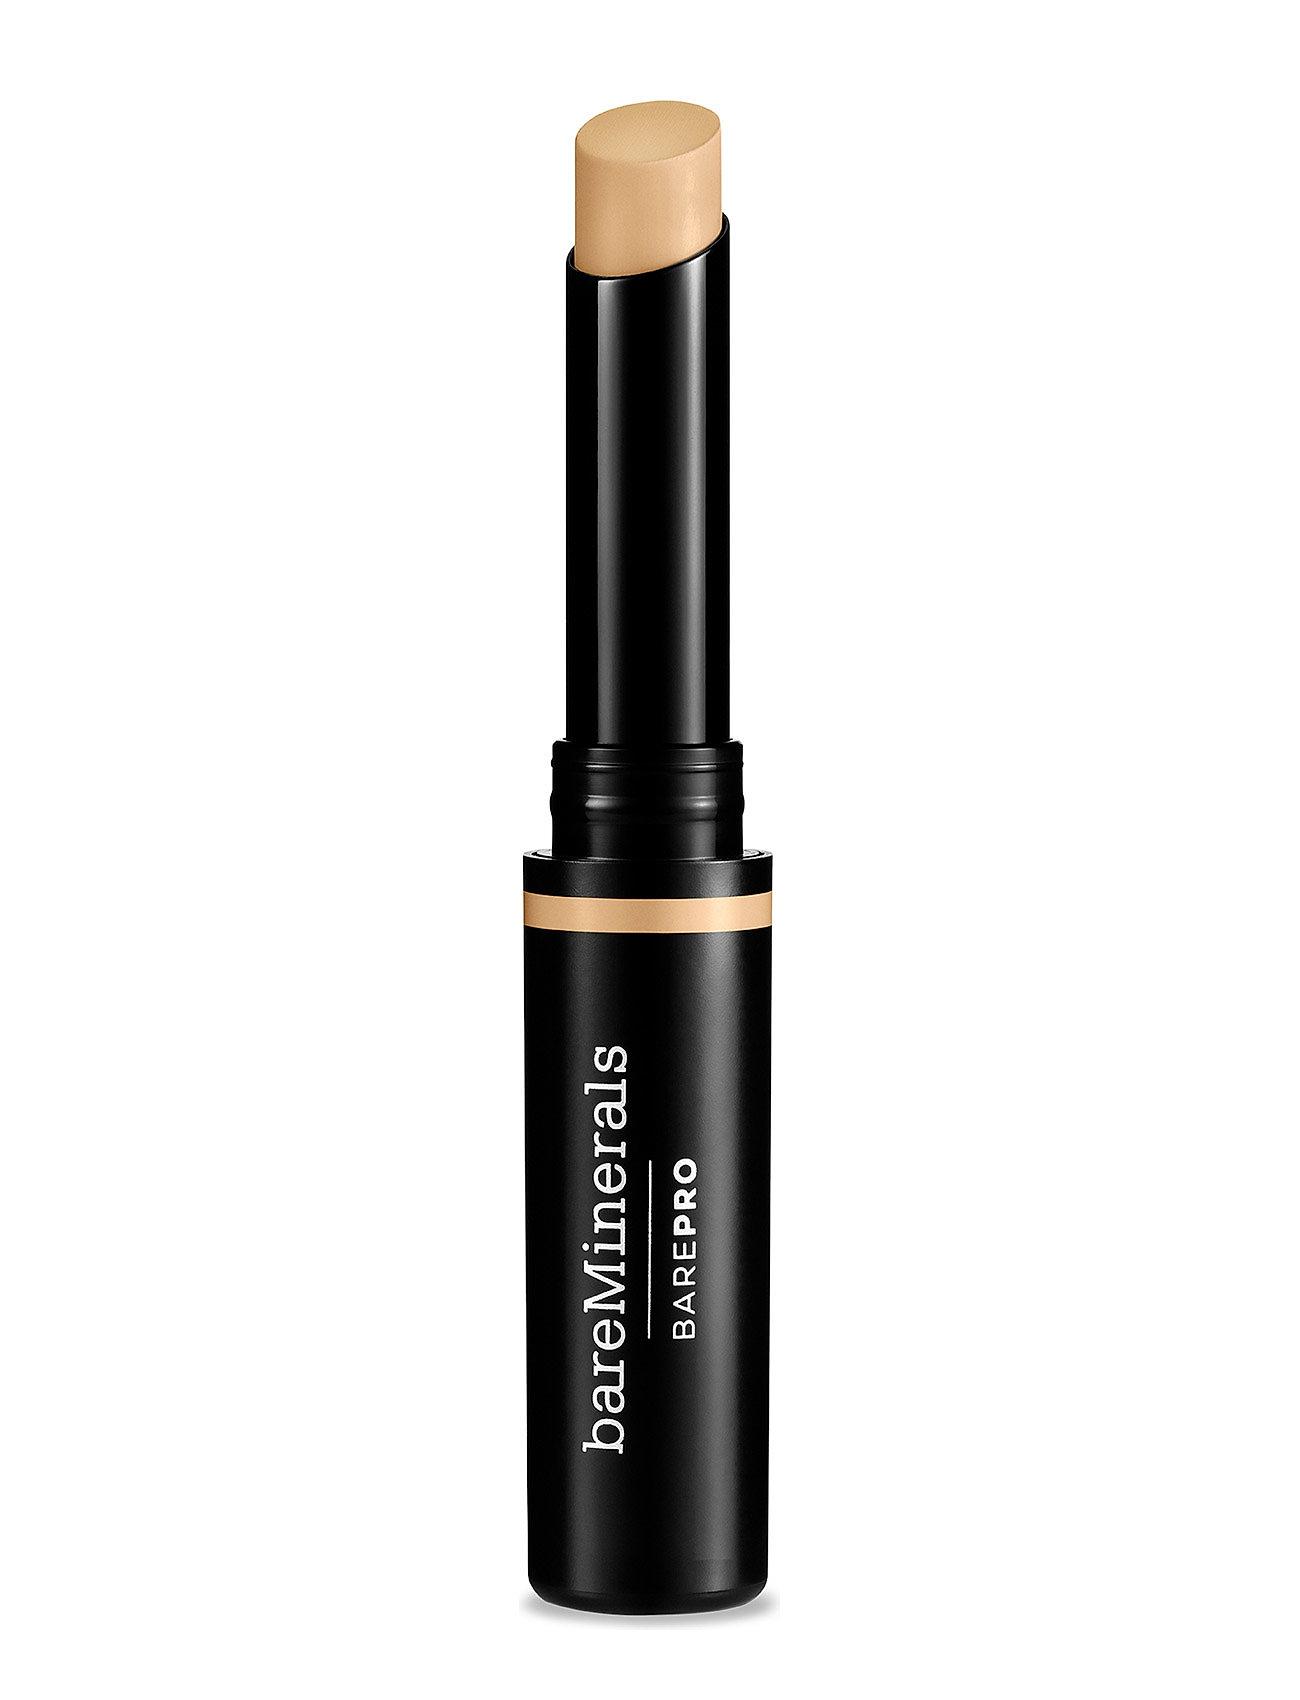 Image of Barepro 16-Hour Full Coverage Concealer Concealer Makeup BareMinerals (3400843575)